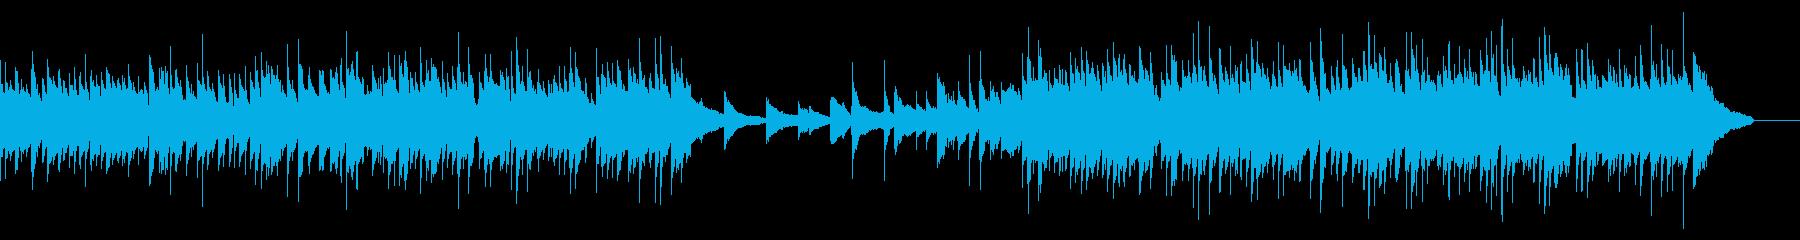 ほのぼのチープギターポップスの再生済みの波形